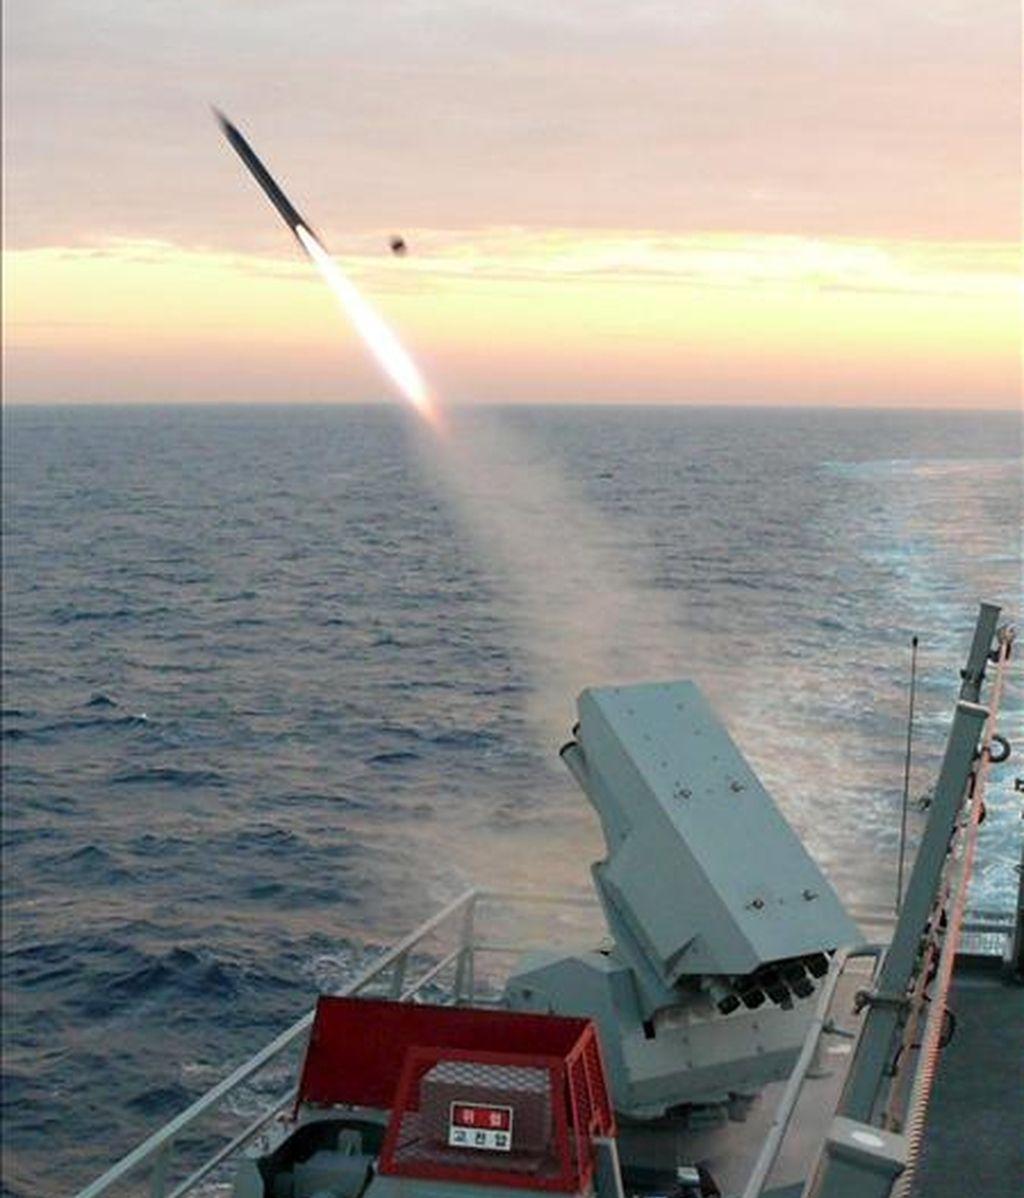 """Vista general de las maniobras conjuntas que desarrollan hoy Corea del Sur y Estados Unidos en el Mar del Este (Mar de Japón). Bajo el nombre de """"Espíritu invencible"""", estos ejercicios aéreos y navales, de cuatro días de duración, están destinadas a demostrar el poderío militar de Washington y Seúl al régimen comunista de Pyongyang, en respuesta al hundimiento en marzo de la corbeta surcoreana """"Cheonan"""", que causó 46 muertos. EFE"""